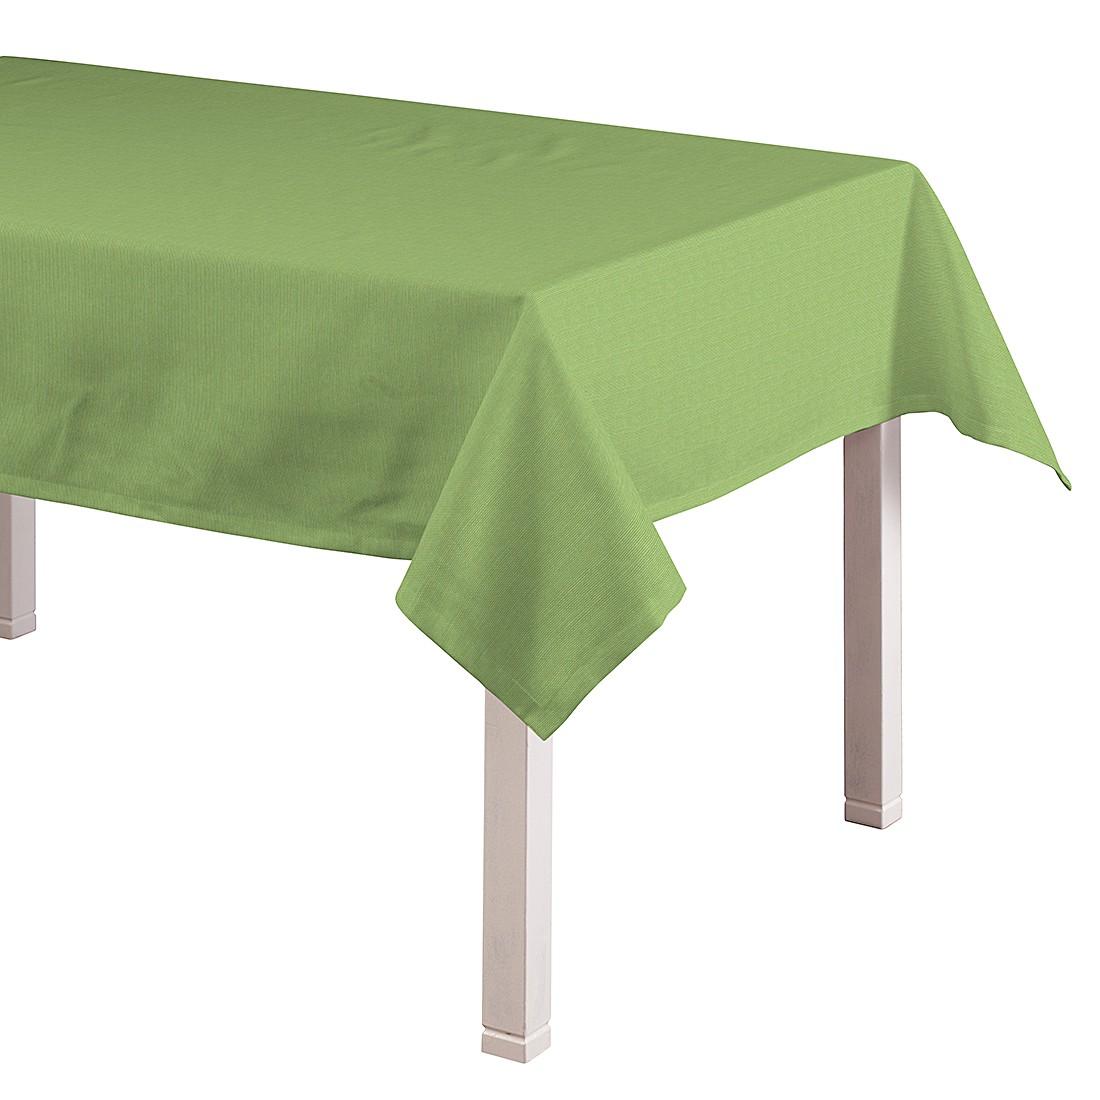 Tischdecke Atago – Hellgrün – 130 x 250 cm, Dekoria günstig bestellen